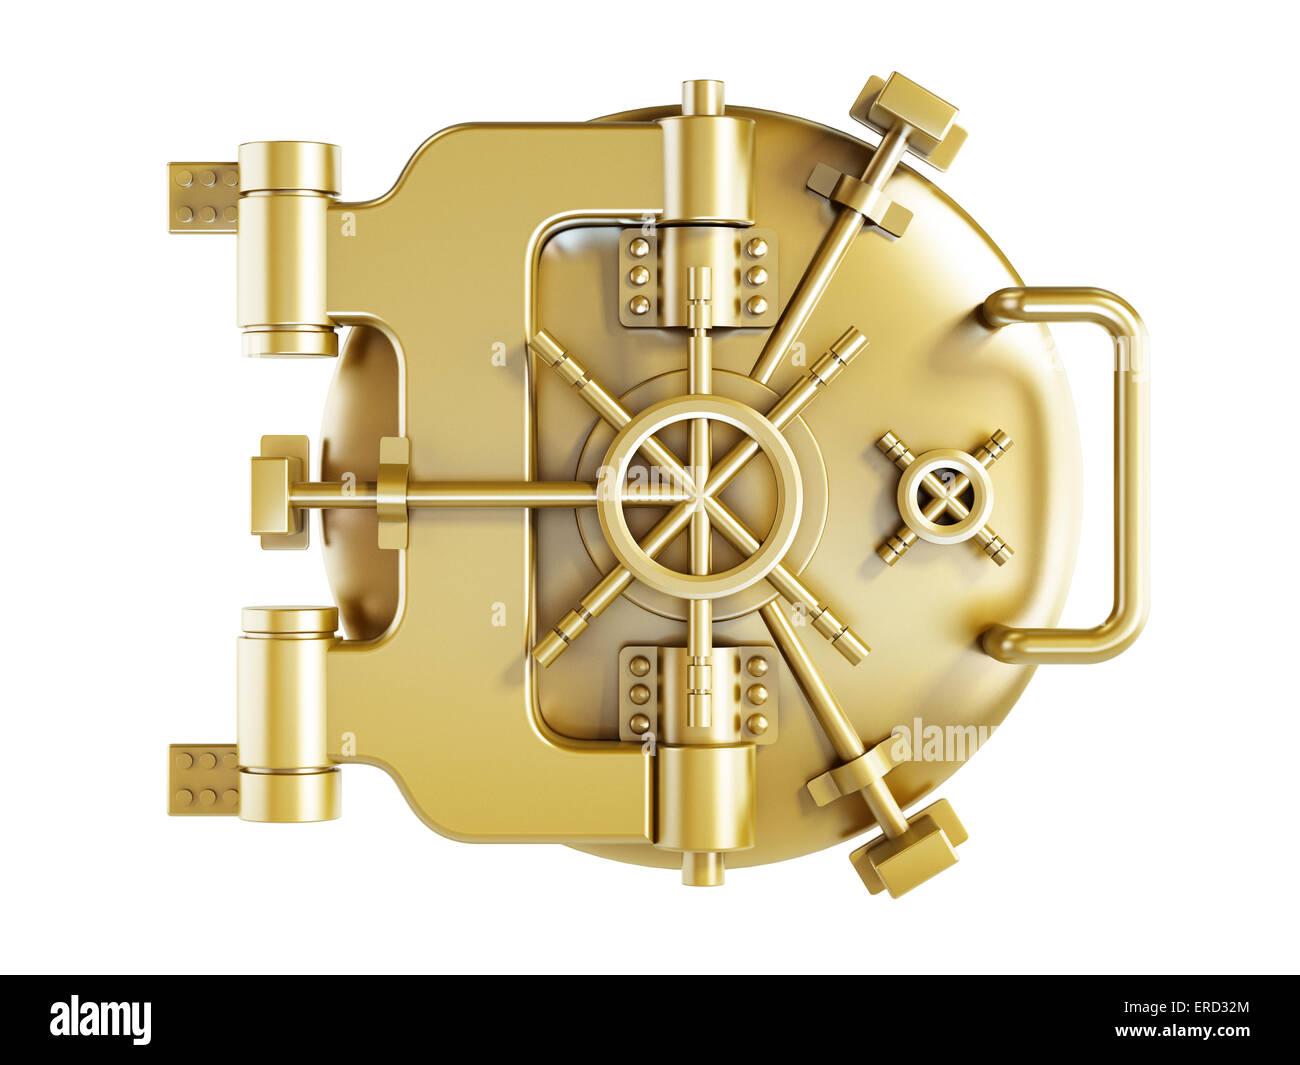 Vaulted metal bank door - Stock Image